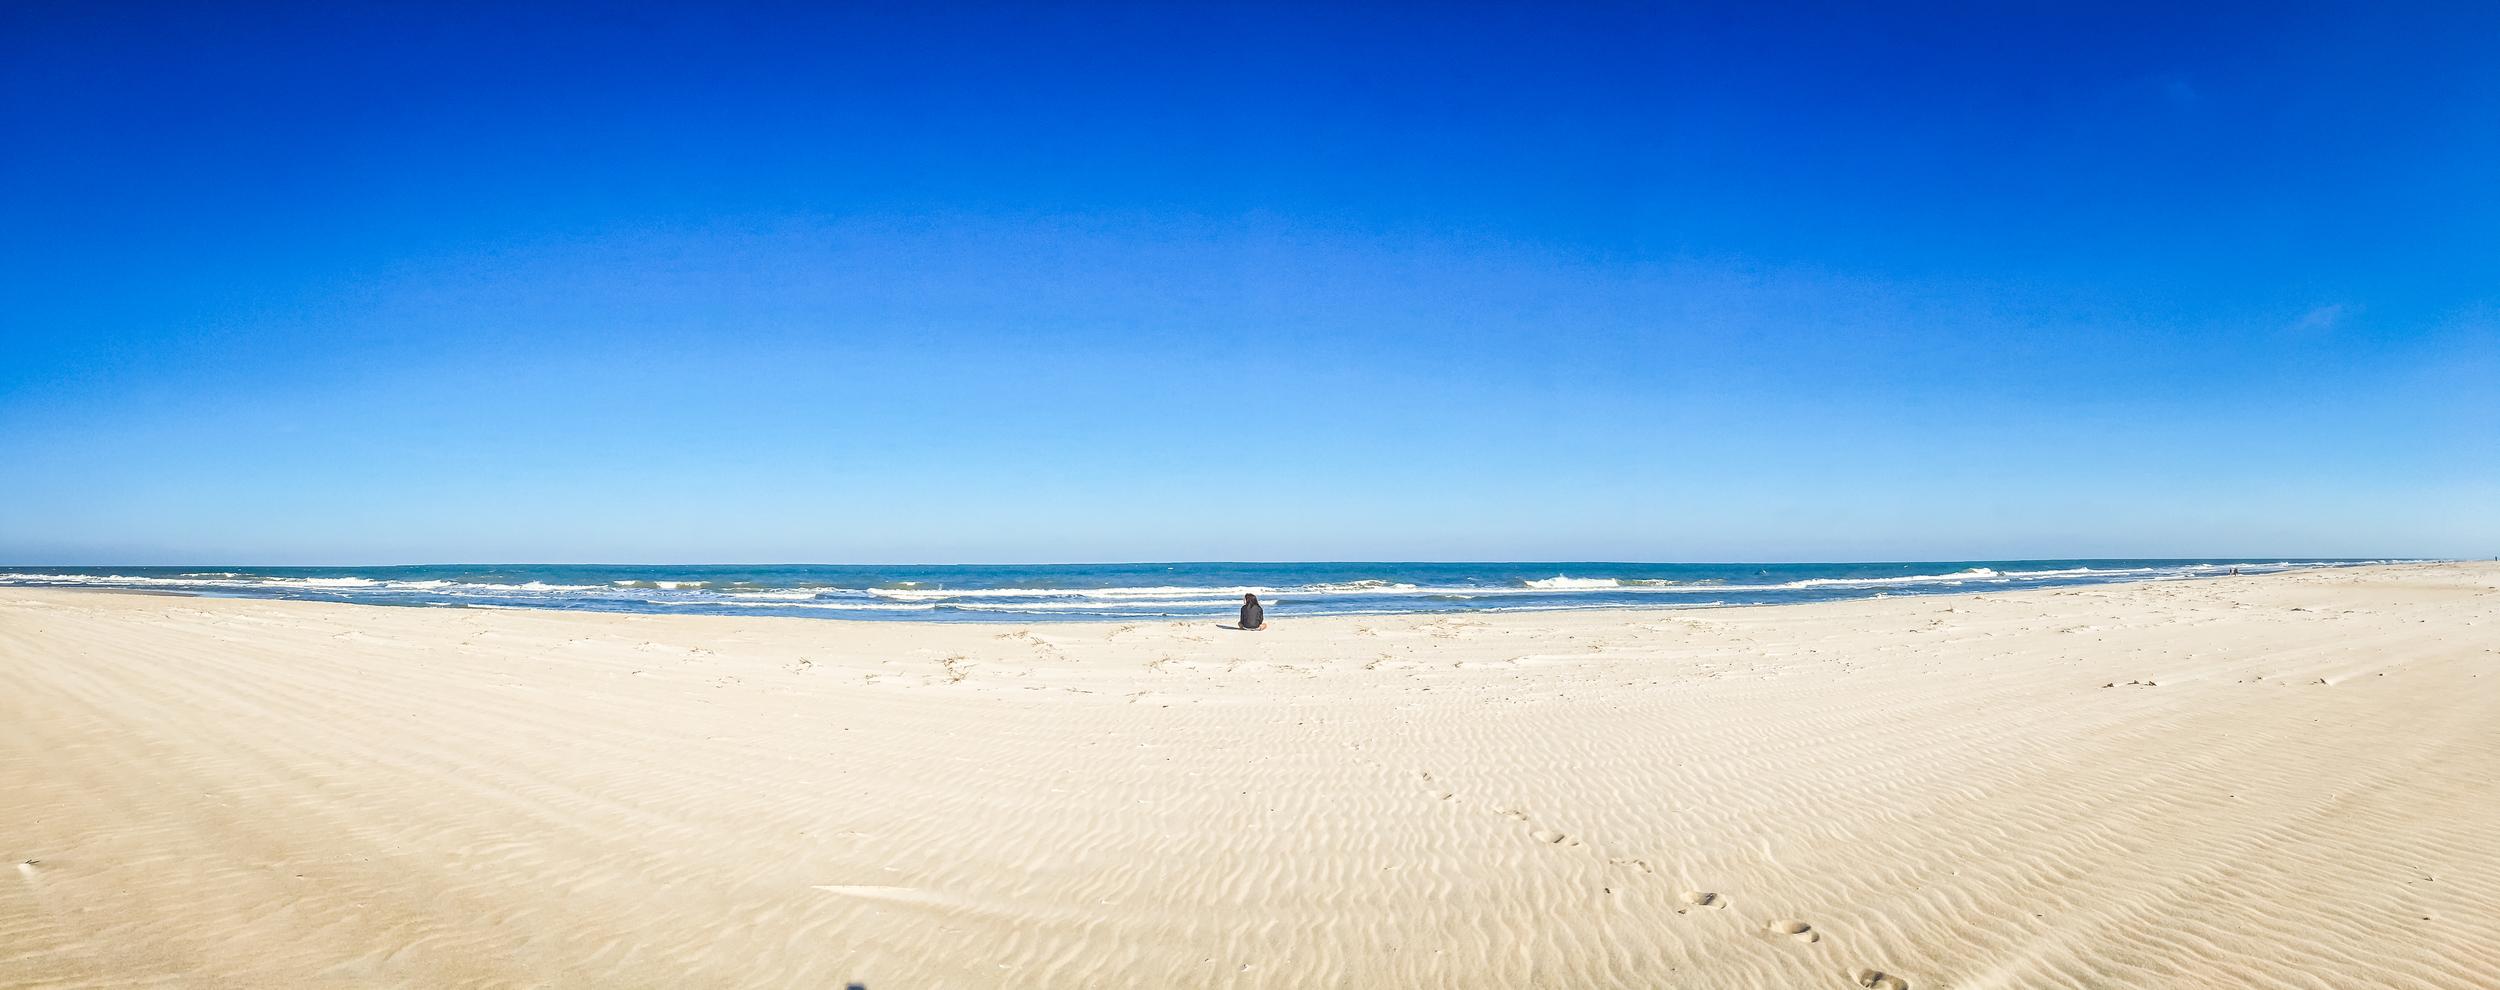 Alone at Chincoteague beach